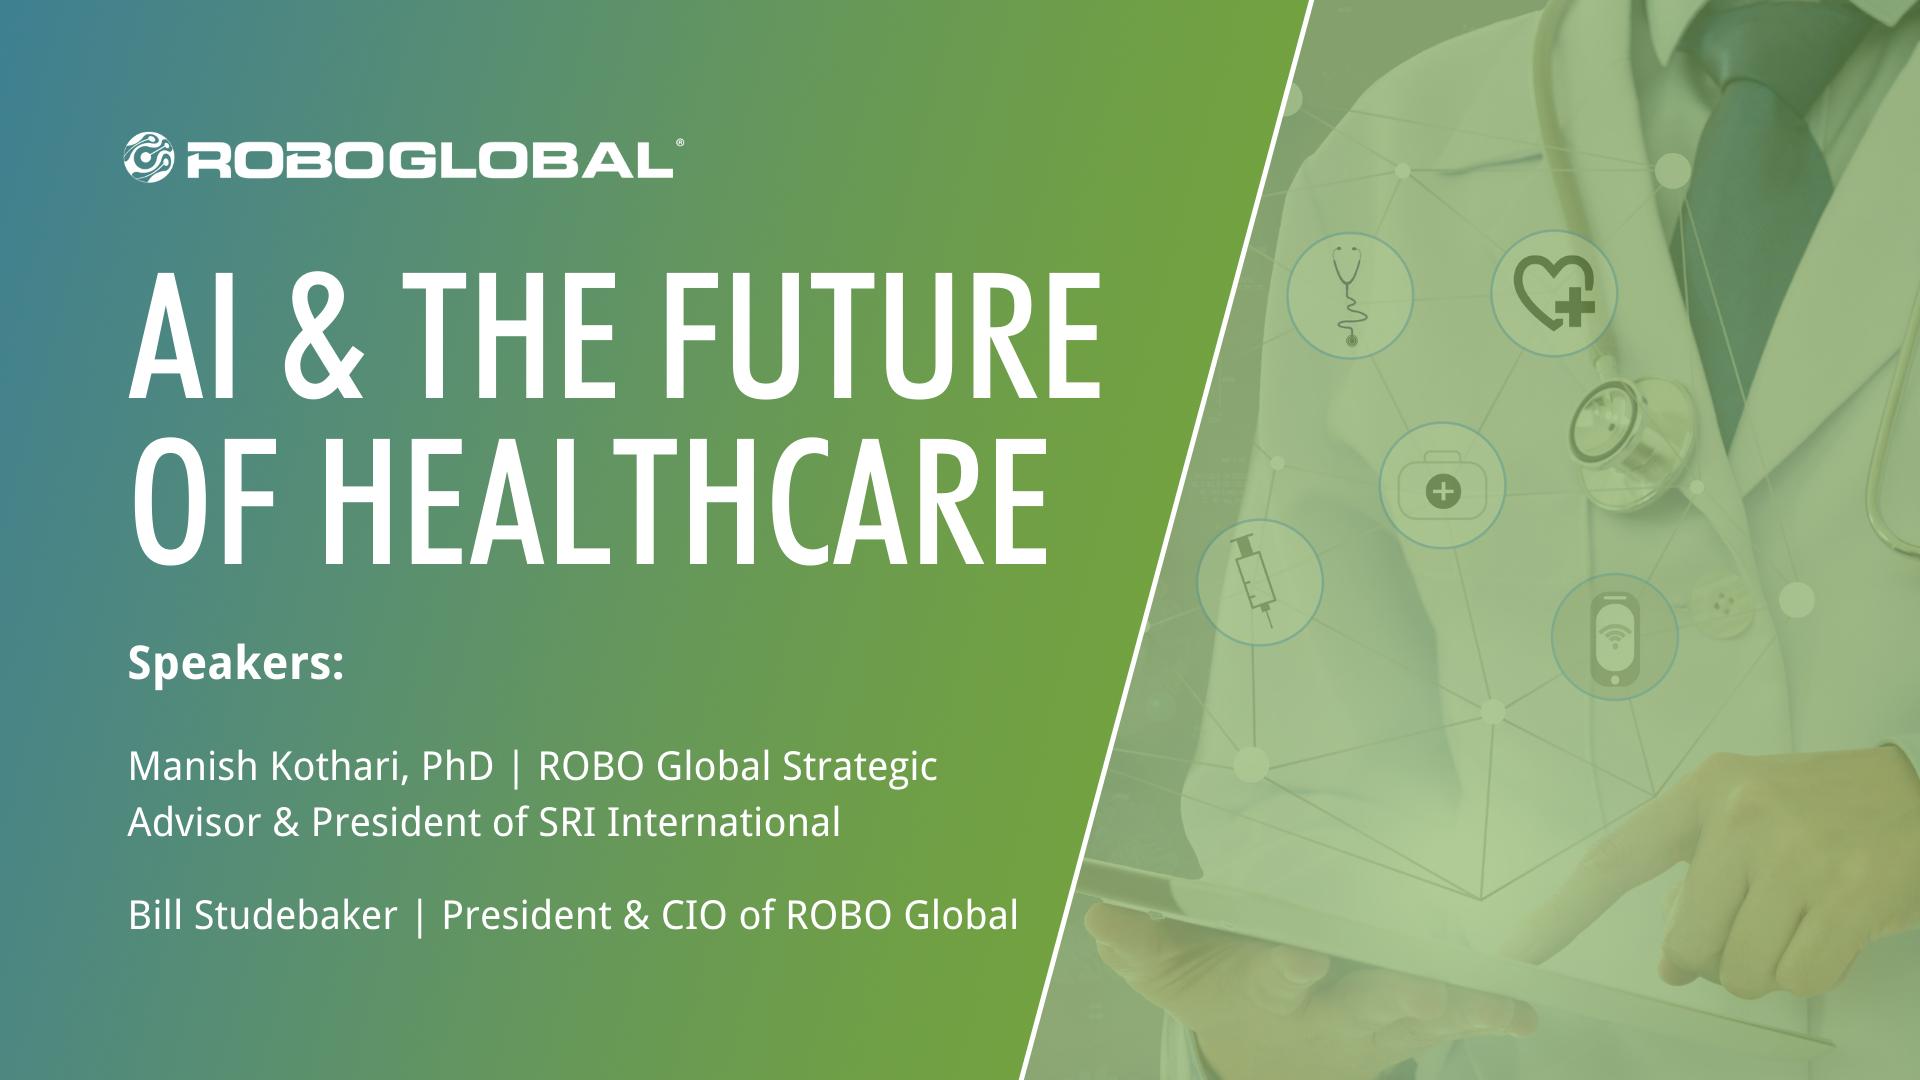 AI & the Future of Healthcare Webinar